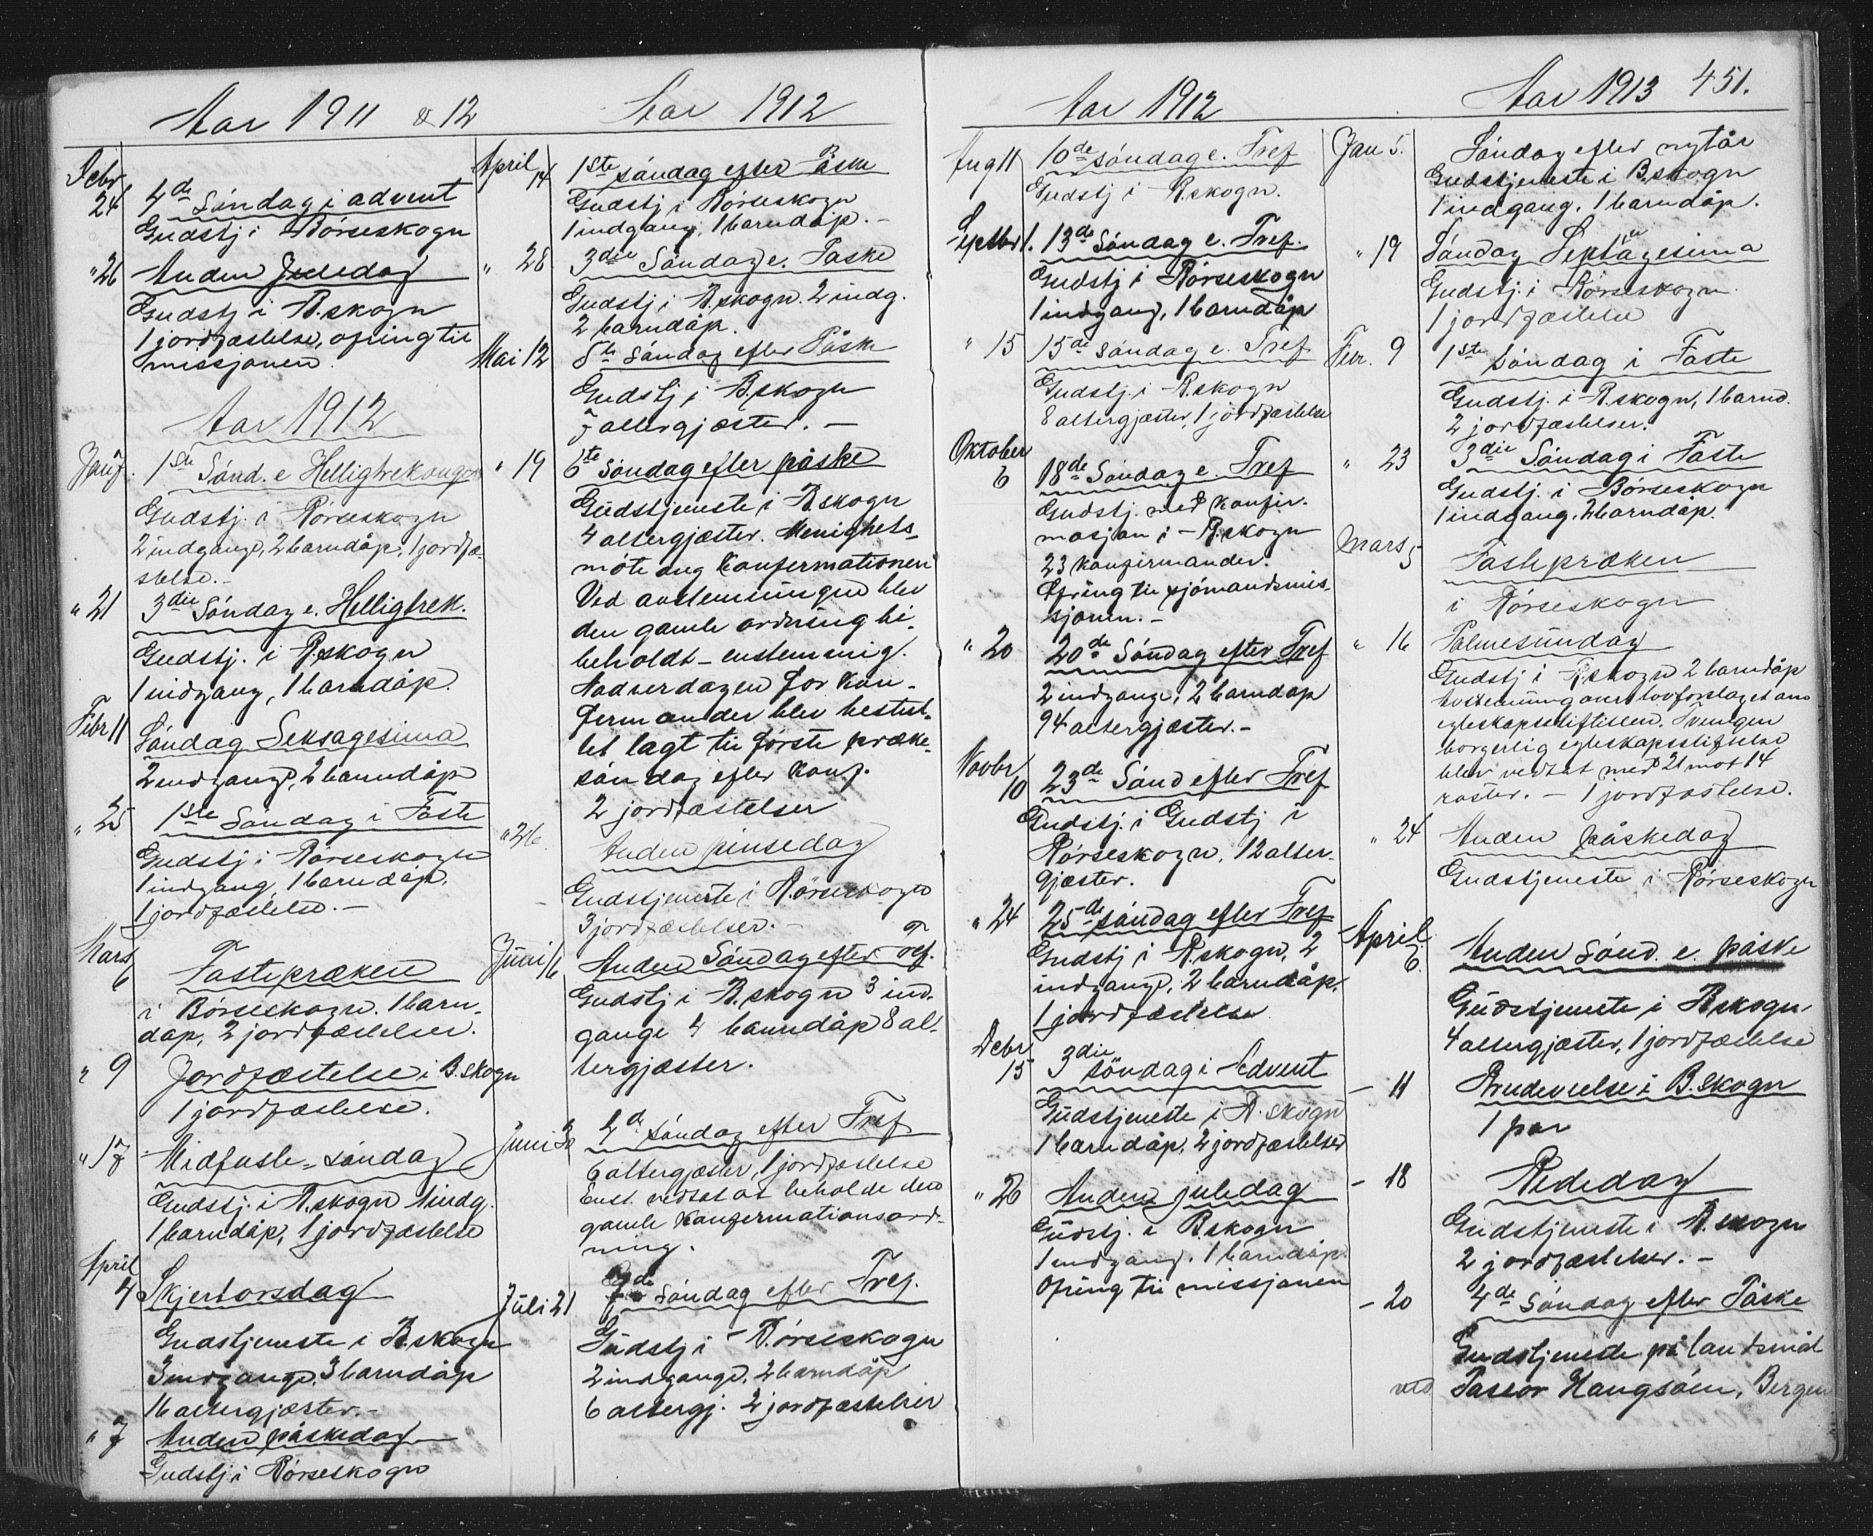 SAT, Ministerialprotokoller, klokkerbøker og fødselsregistre - Sør-Trøndelag, 667/L0798: Klokkerbok nr. 667C03, 1867-1929, s. 451